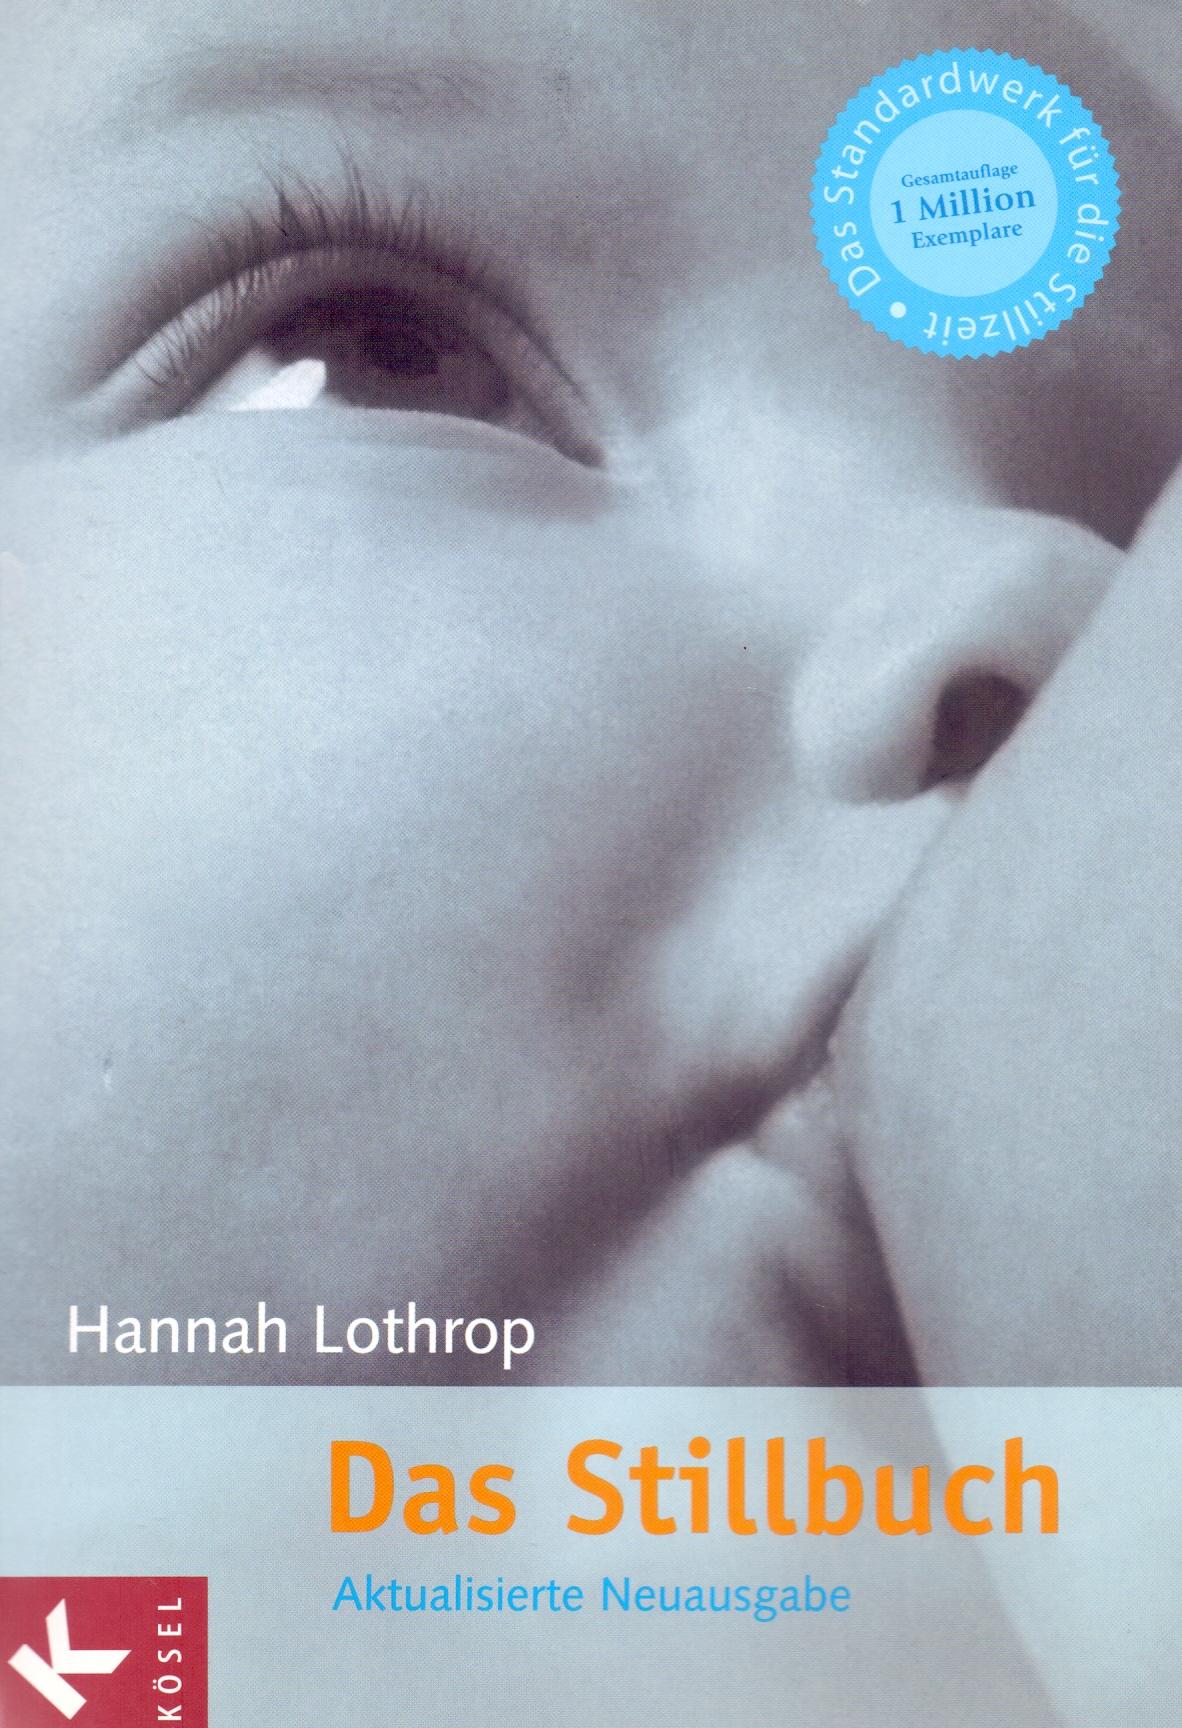 Das Stillbuch - Hannah Lothrop [Taschenbuch, 31...